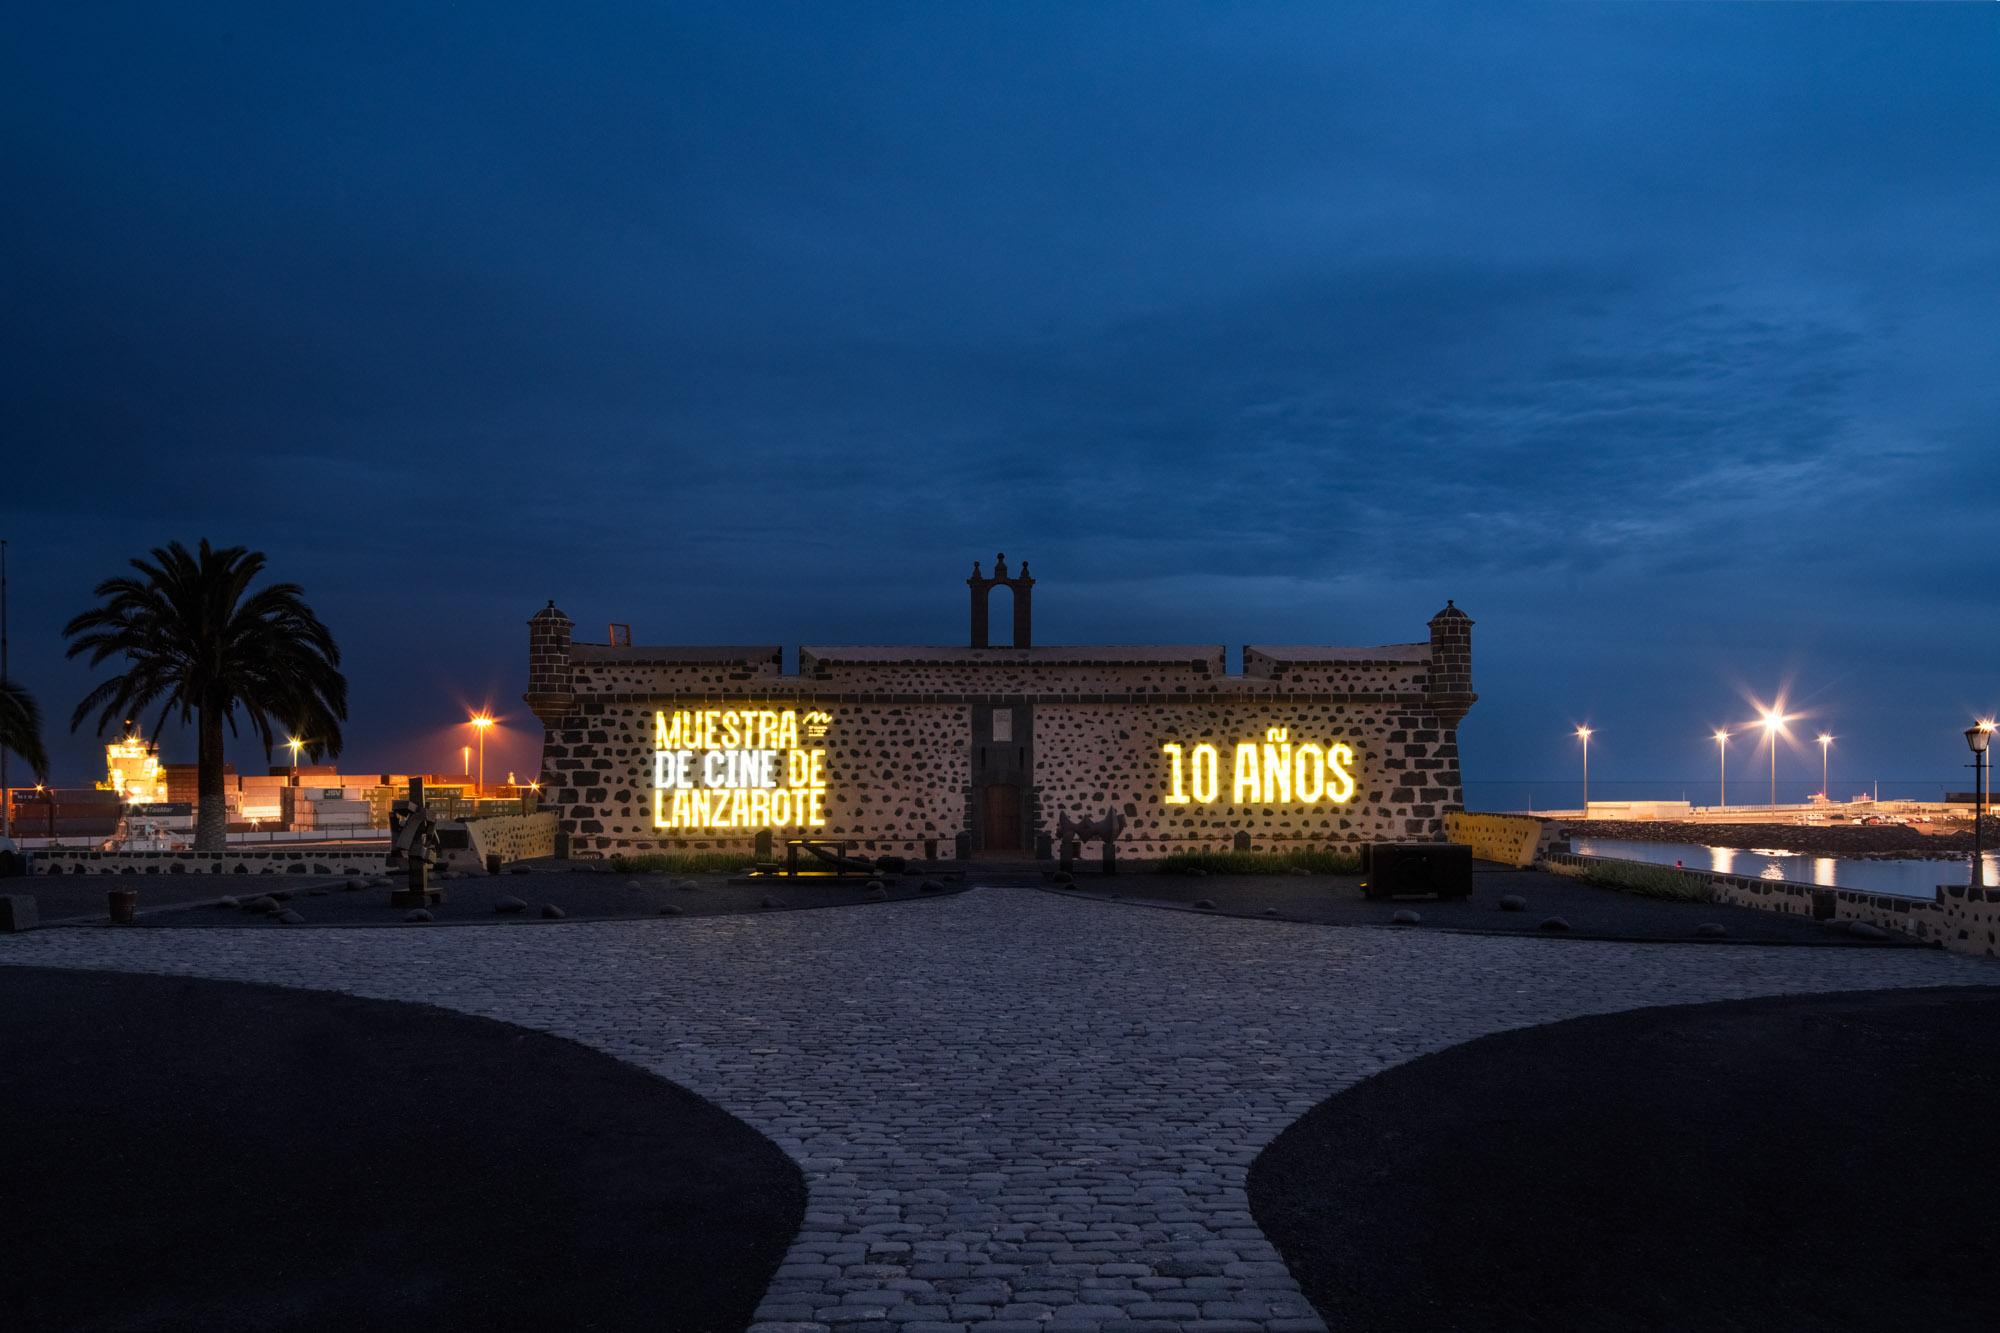 Queda inaugurada la décima edición de la Muestra de Cine de Lanzarote